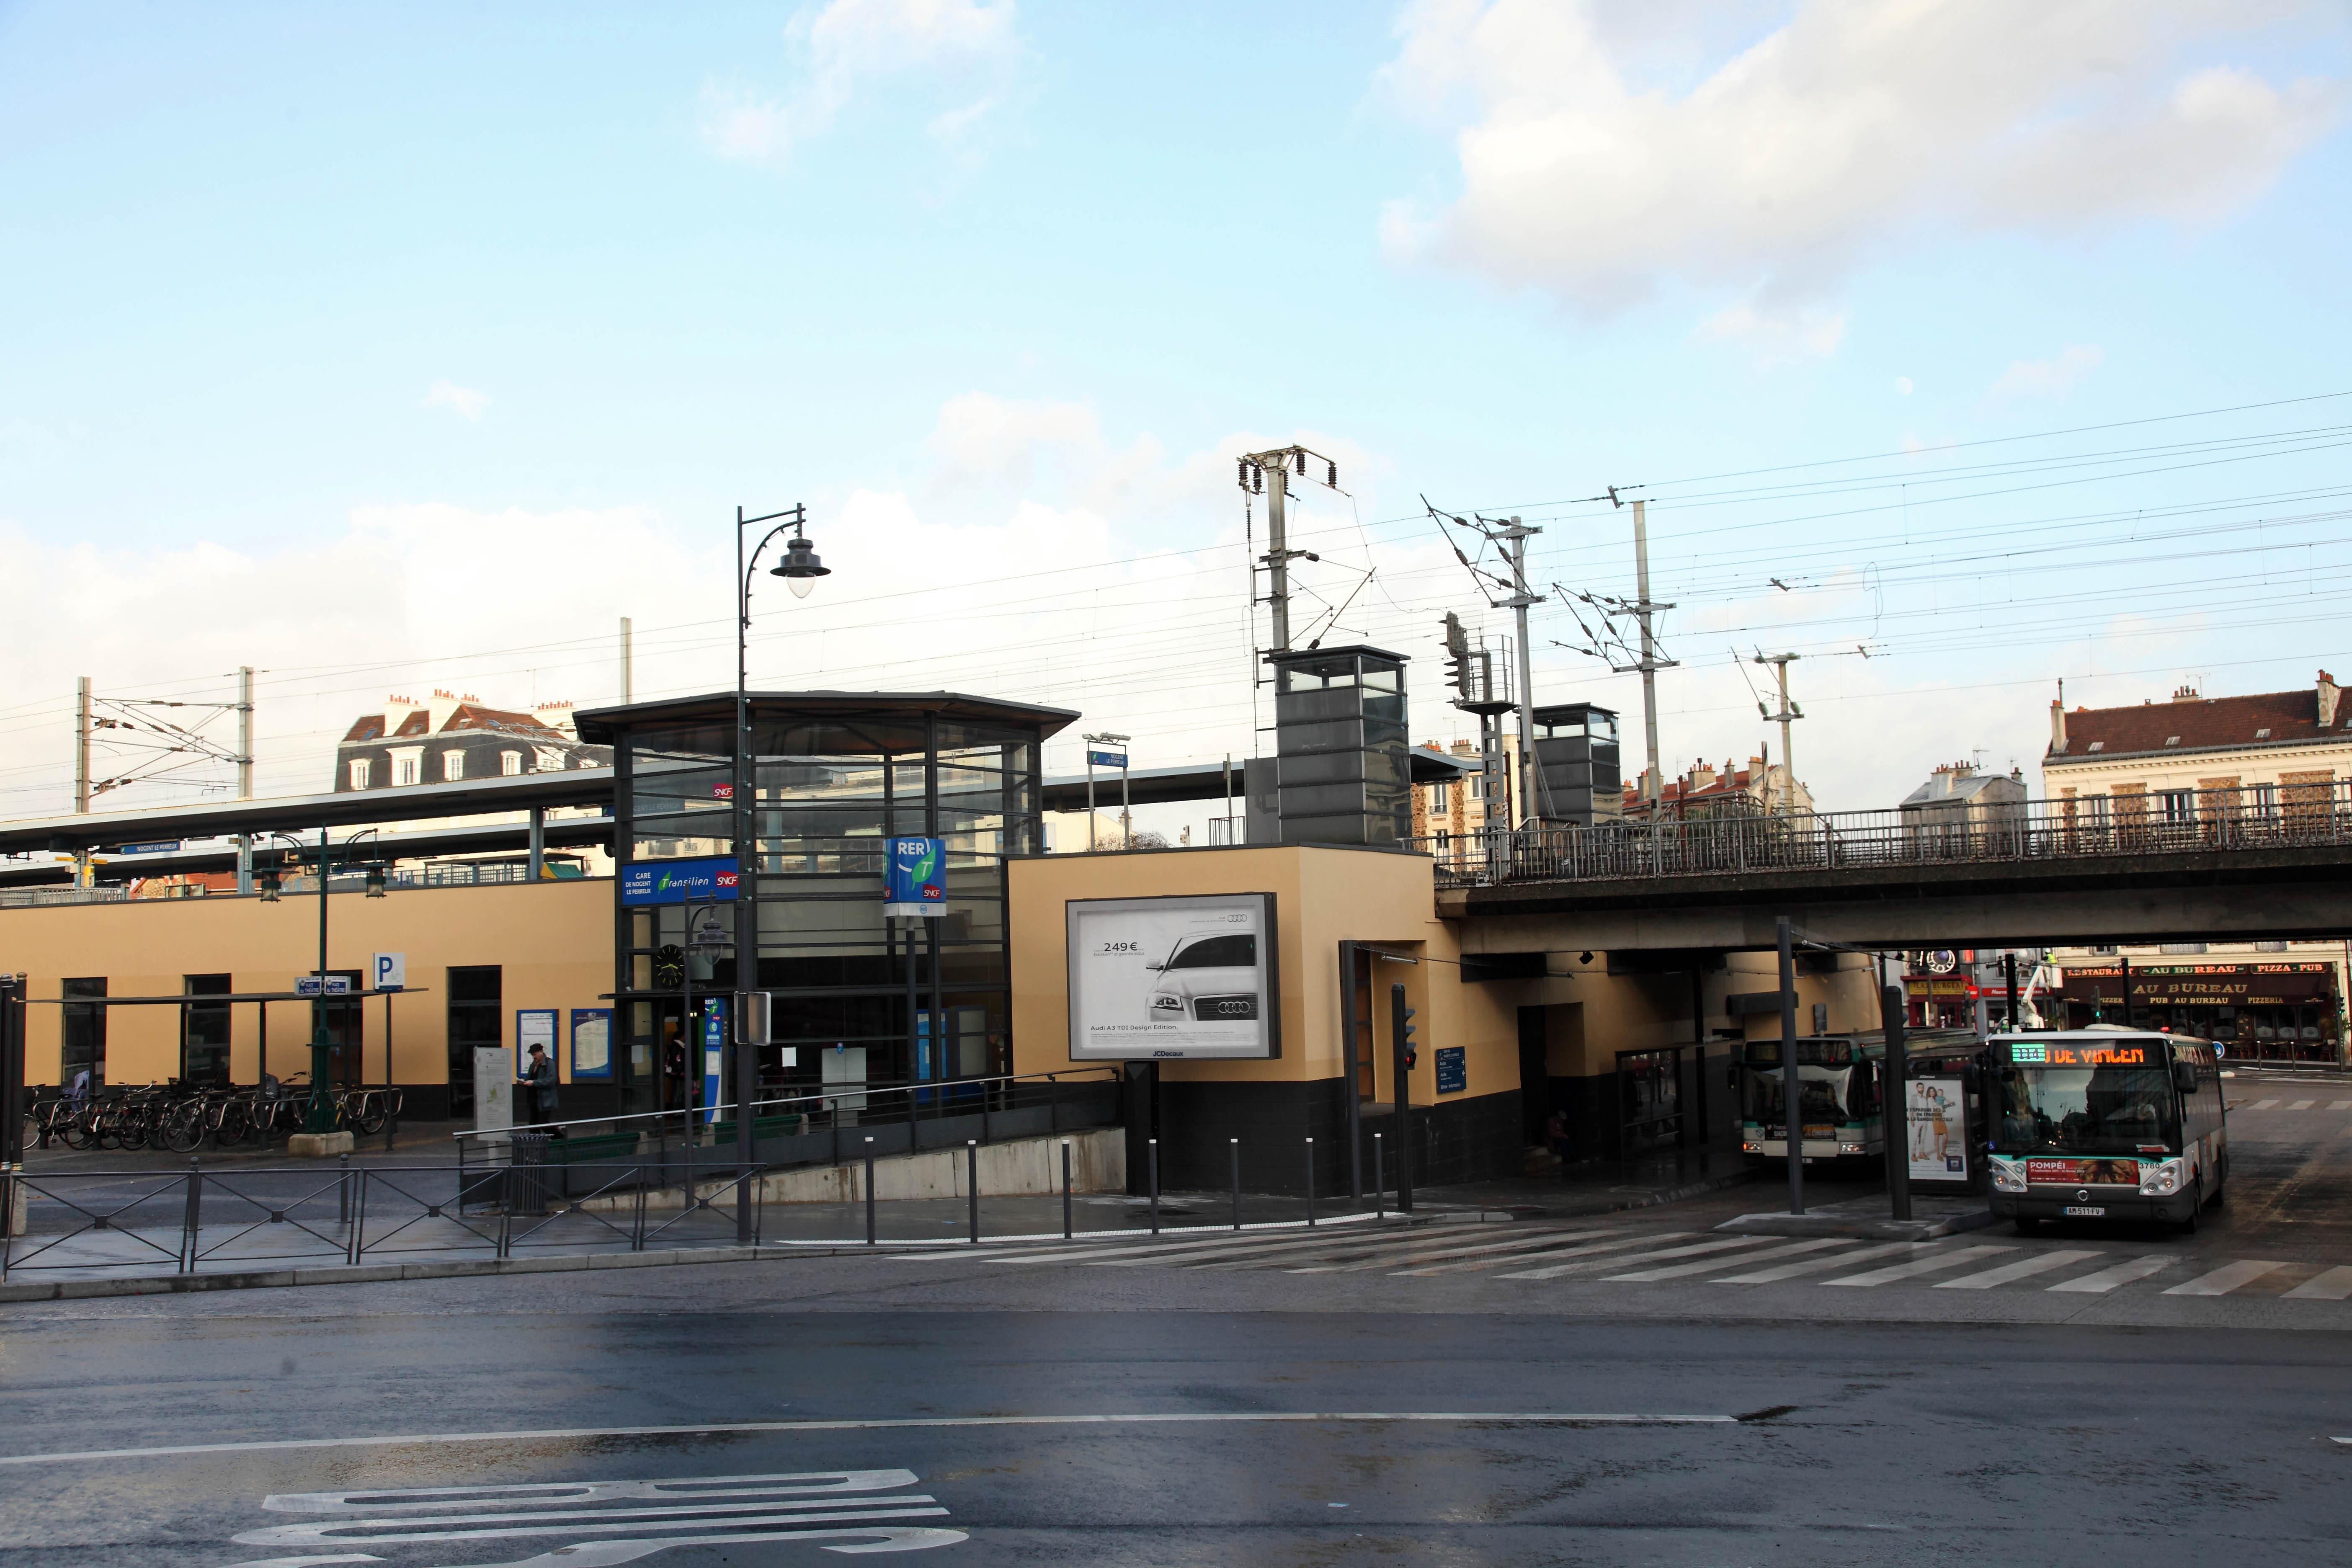 Gare de nogent le perreux : travaux à partir du 27 août ville de